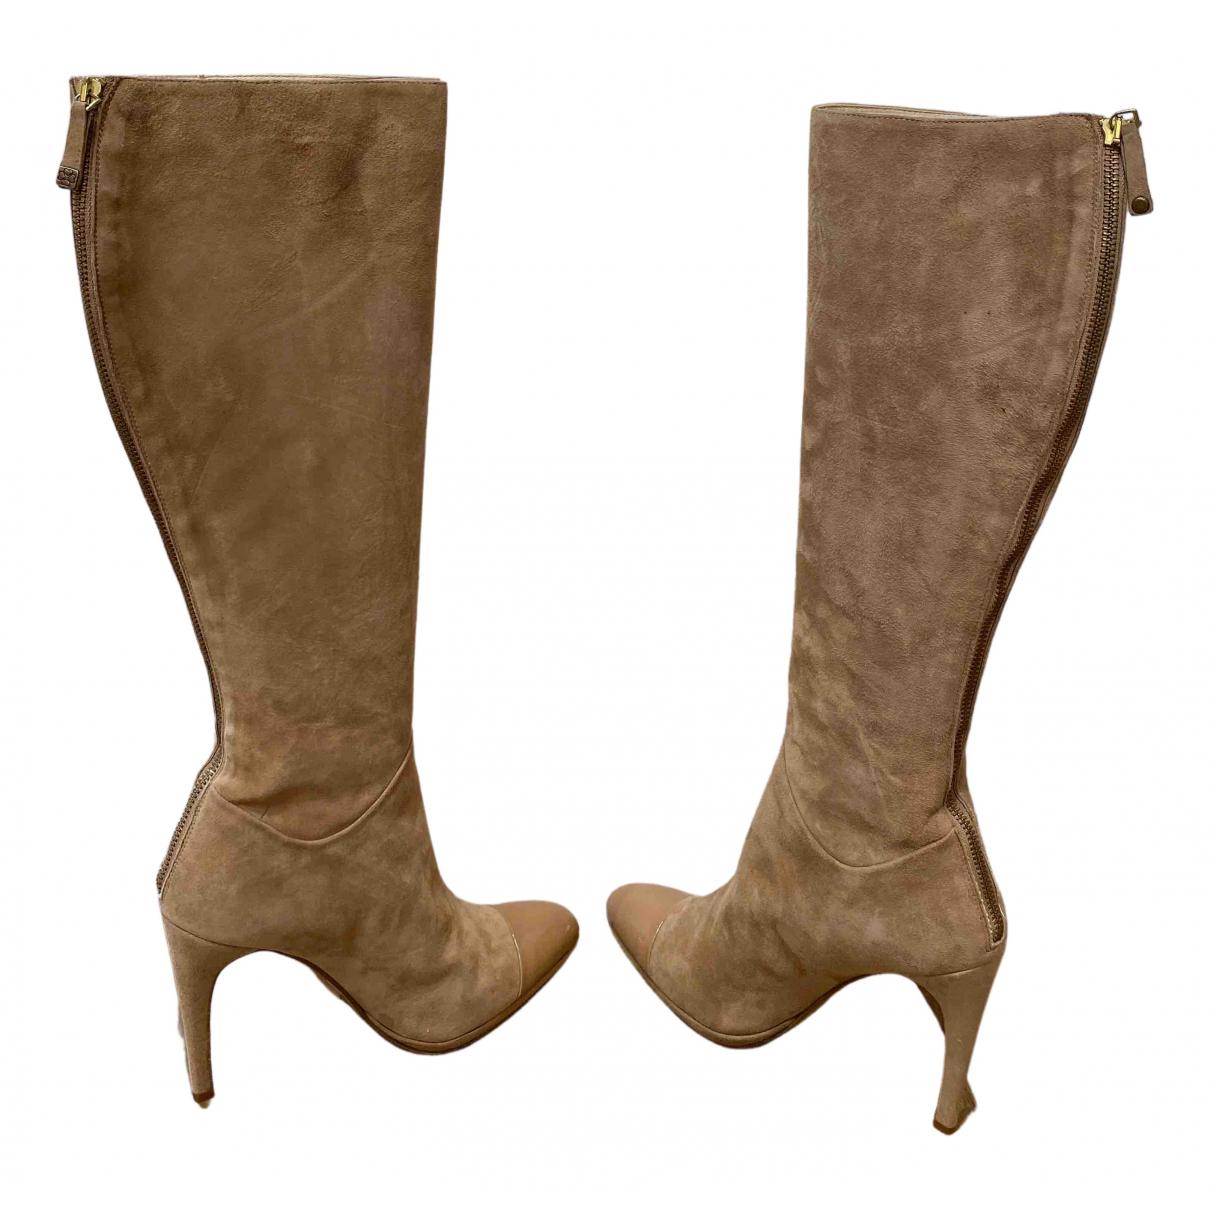 Lk Bennett - Bottes   pour femme en velours - beige